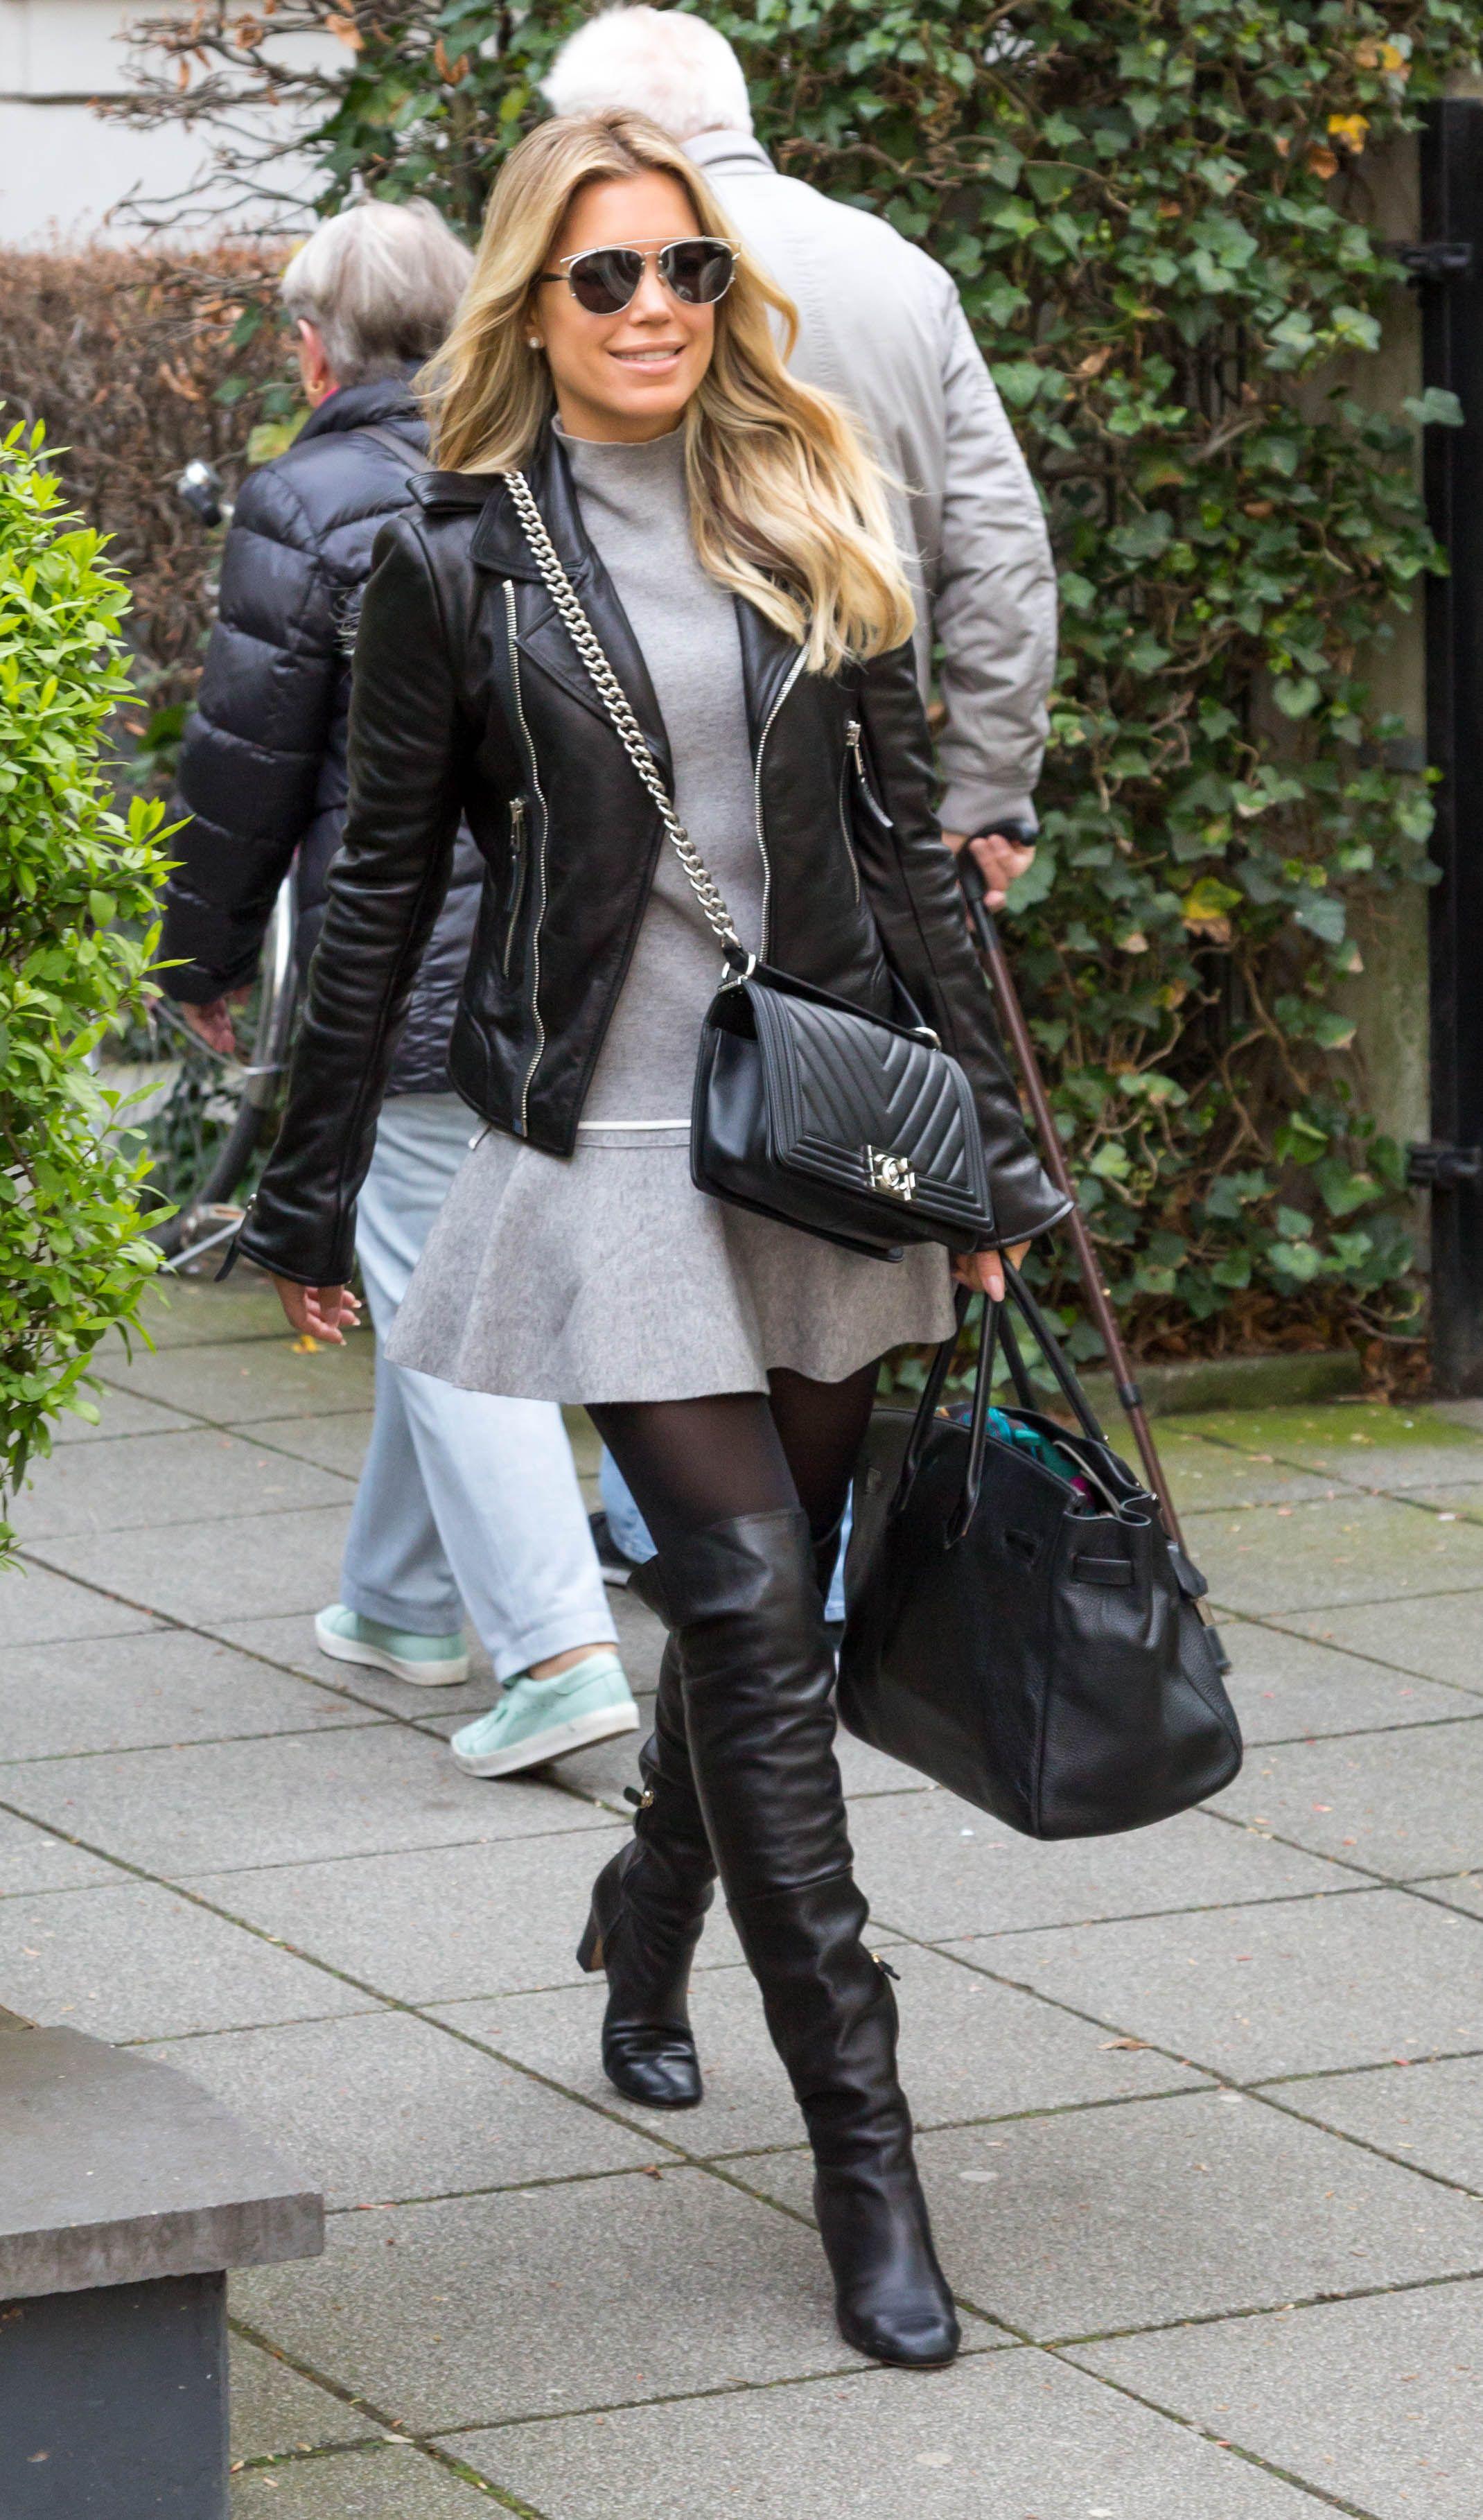 Sylvie Meis seen in Cologne   Sylvie meis, Sylvie meis style